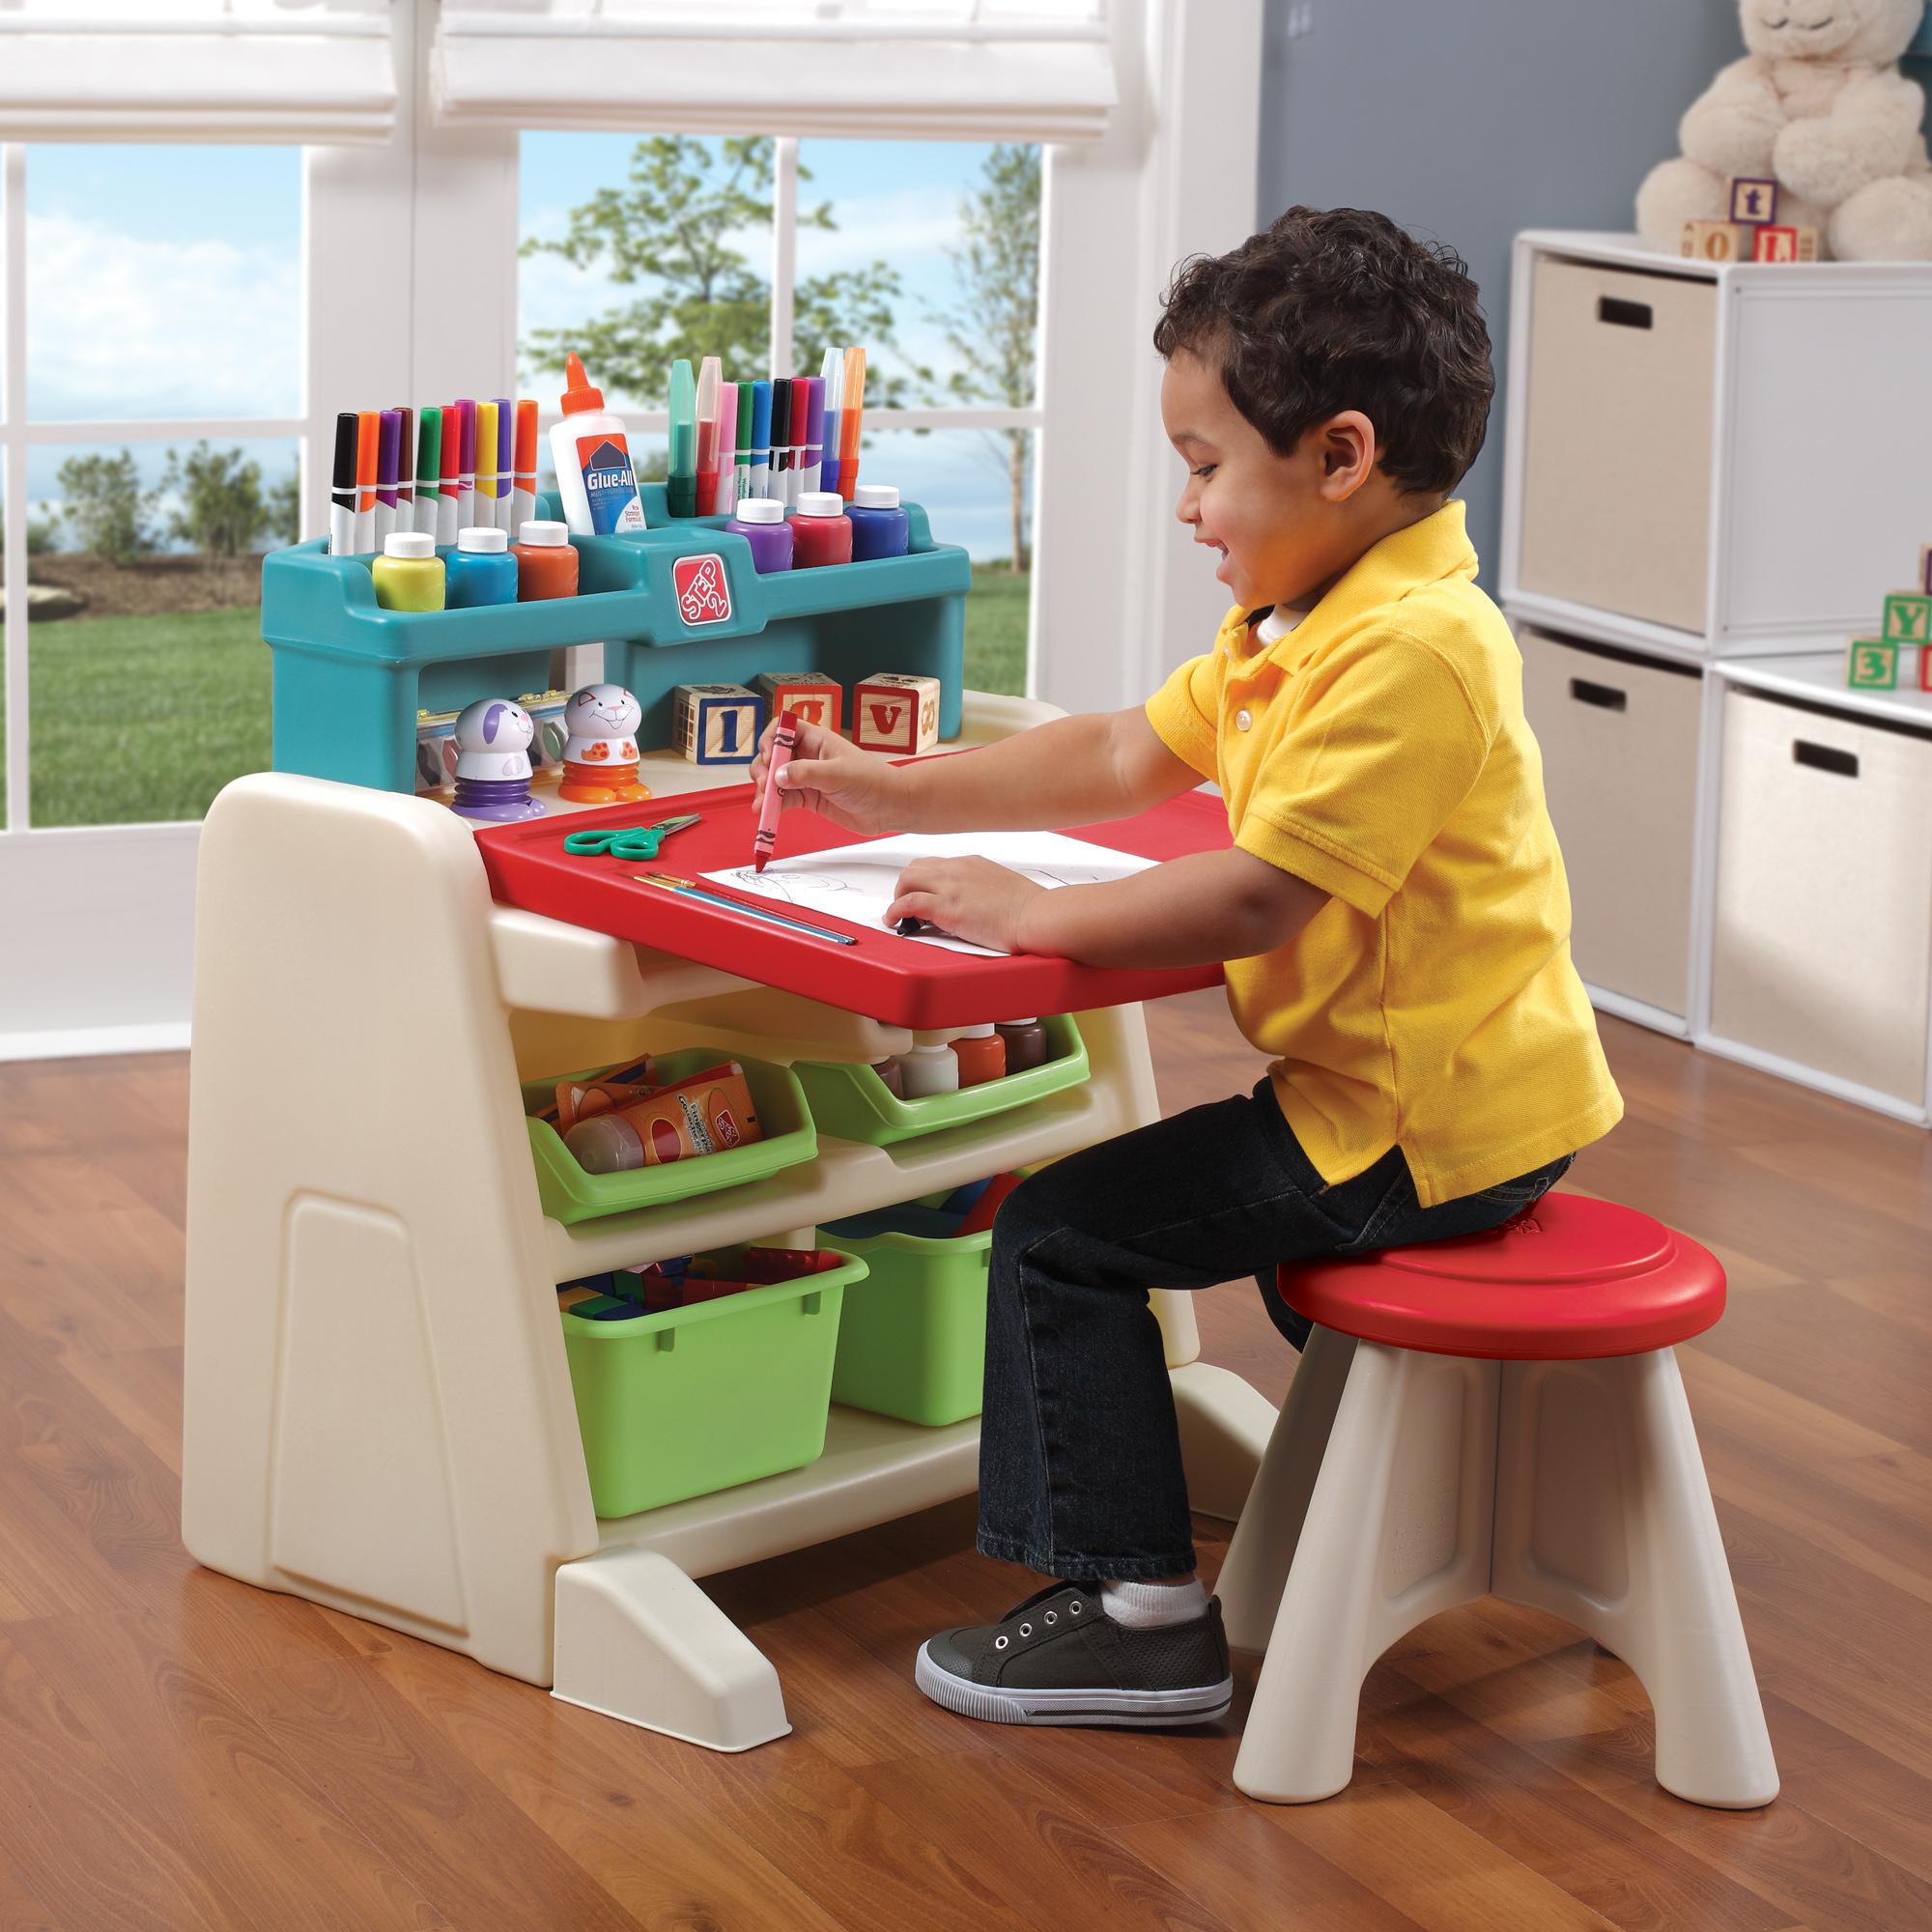 Flip Amp Doodle Easel Desk With Stool